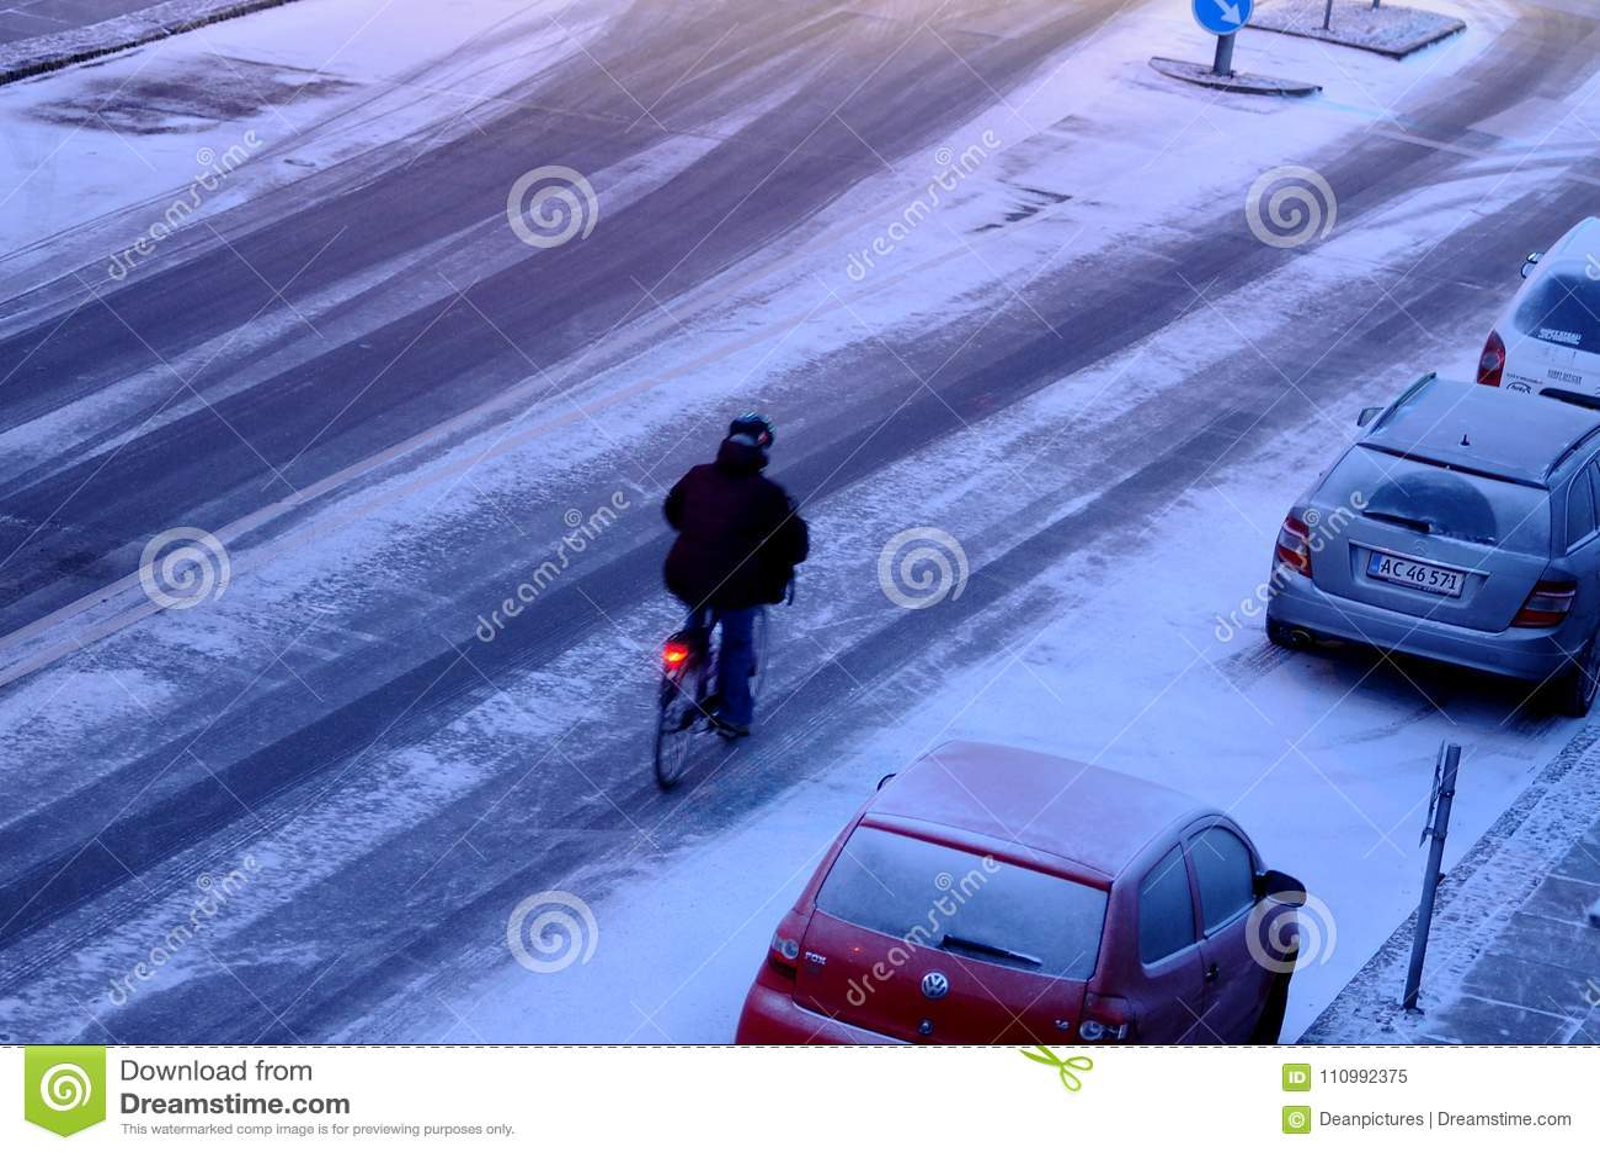 Снег падает в Данию